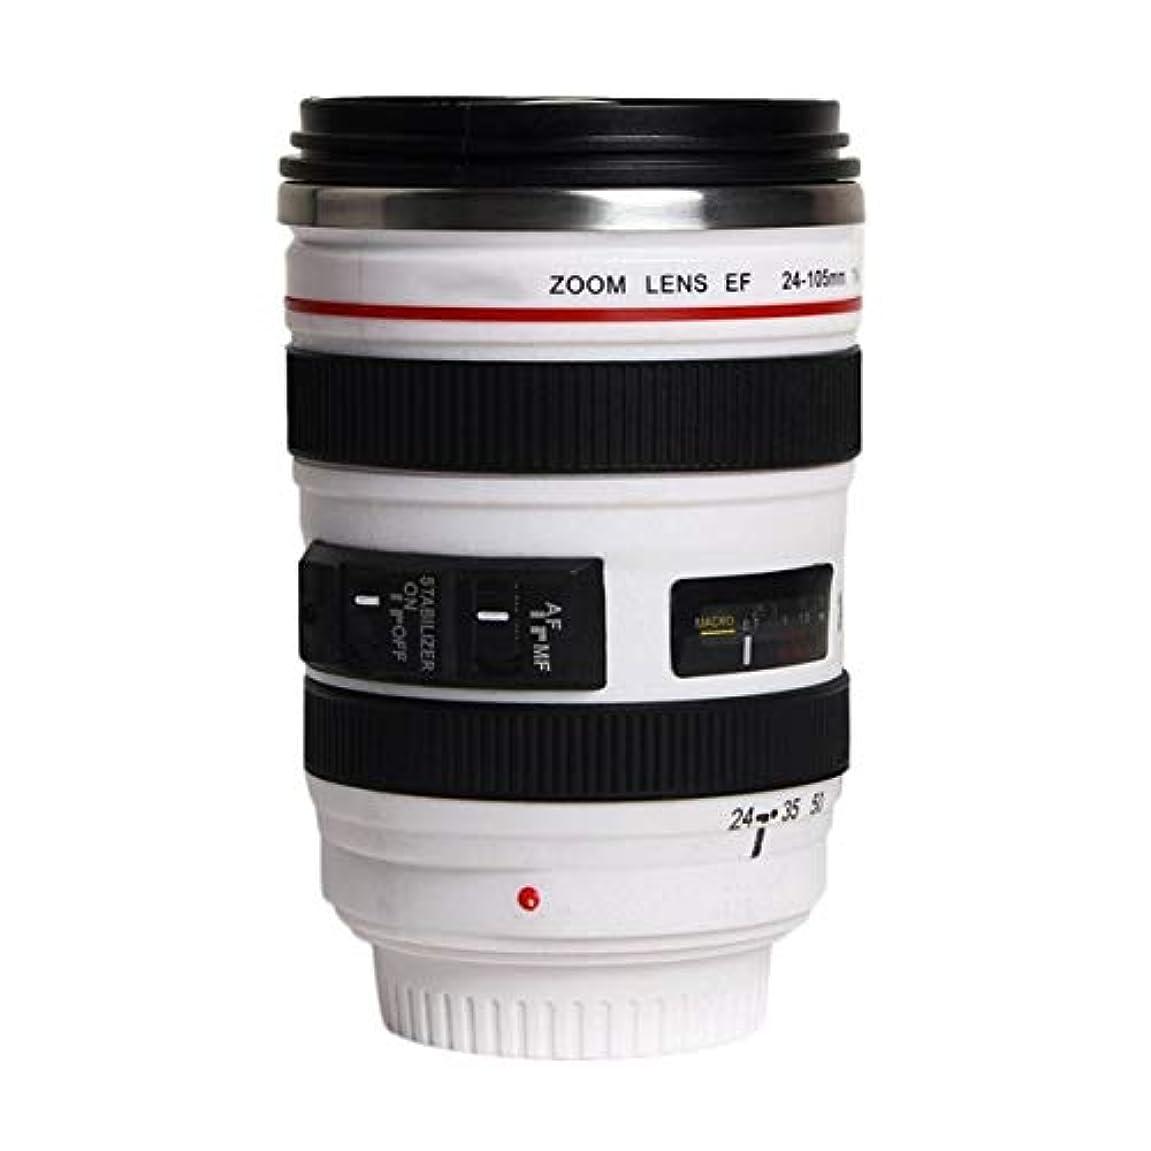 高原令状親密なSaikogoods ファッション1PCS耐久DIYステンレス鋼真空フラスコ旅行コーヒーマグカップ水コーヒーティーカメラレンズカップのふたギフト付き 白